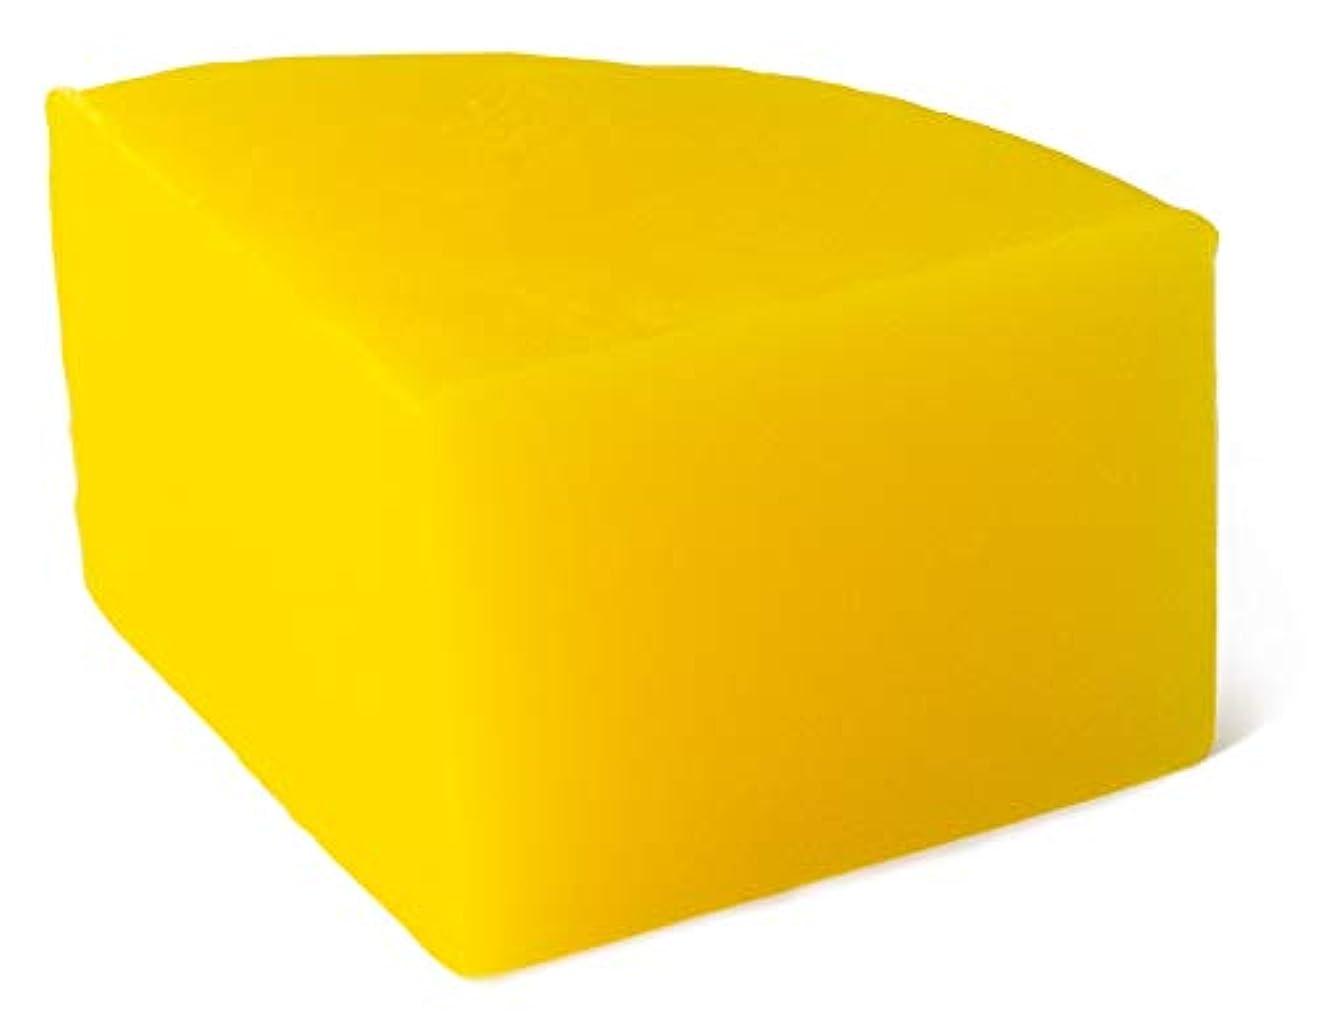 月曜日物質安全性グリセリン クリアソープ 色チップ 黄 25g (MPソープ)